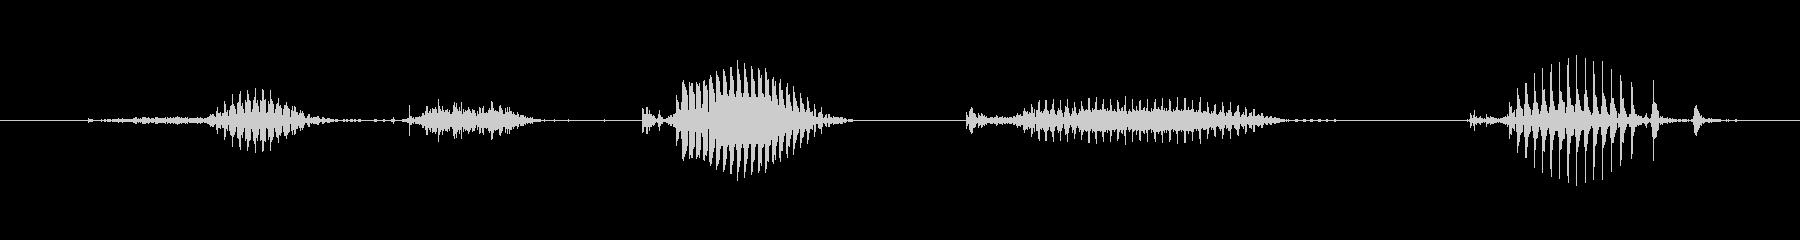 【日数・経過】2日経過の未再生の波形